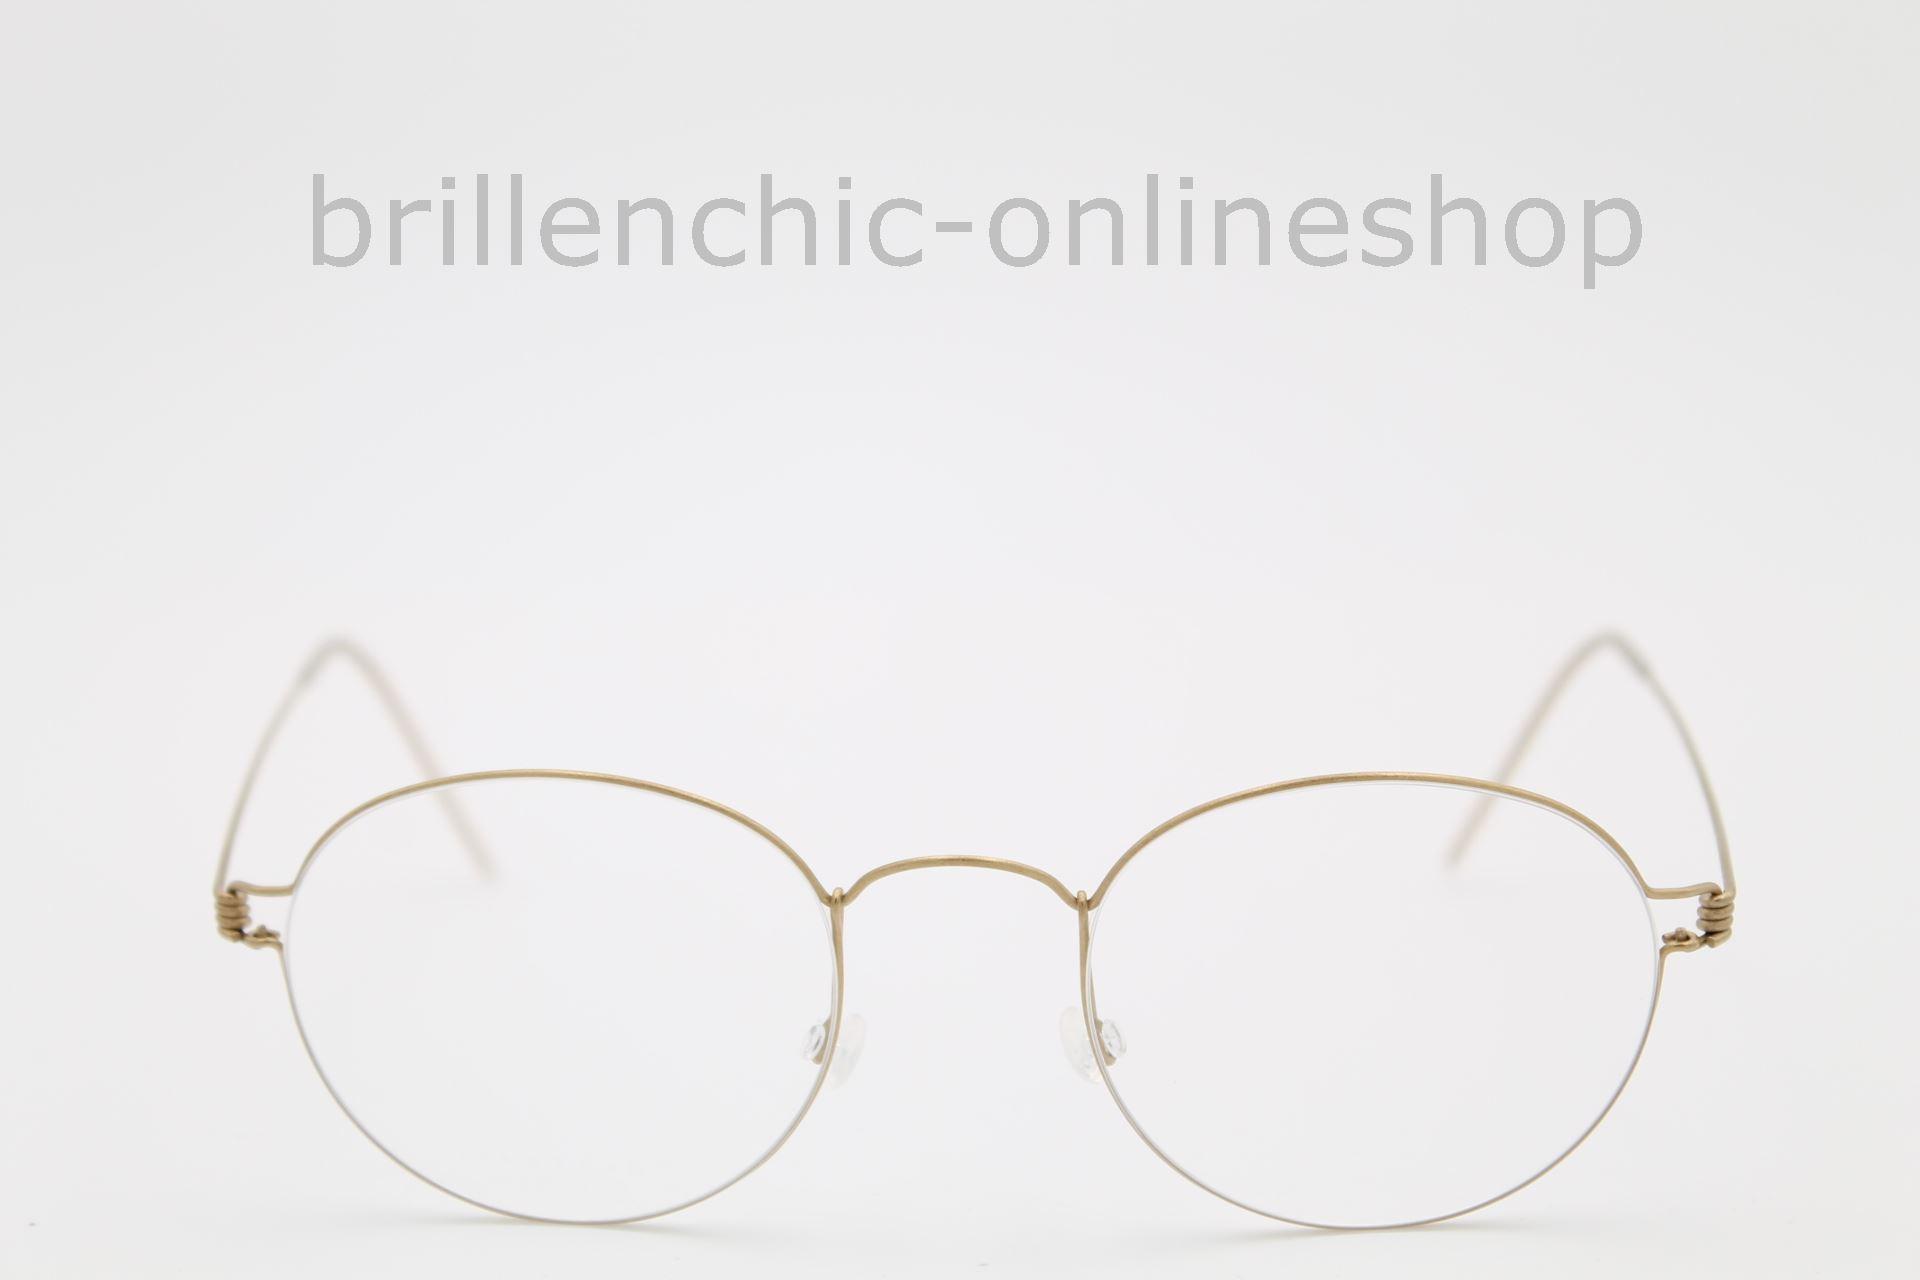 4180e1c004b Brillenchic - onlineshop Berlin Ihr starker Partner für exklusive Brillen  online kaufen LINDBERG Rim Titanium MORTEN GT exklusiv im ...